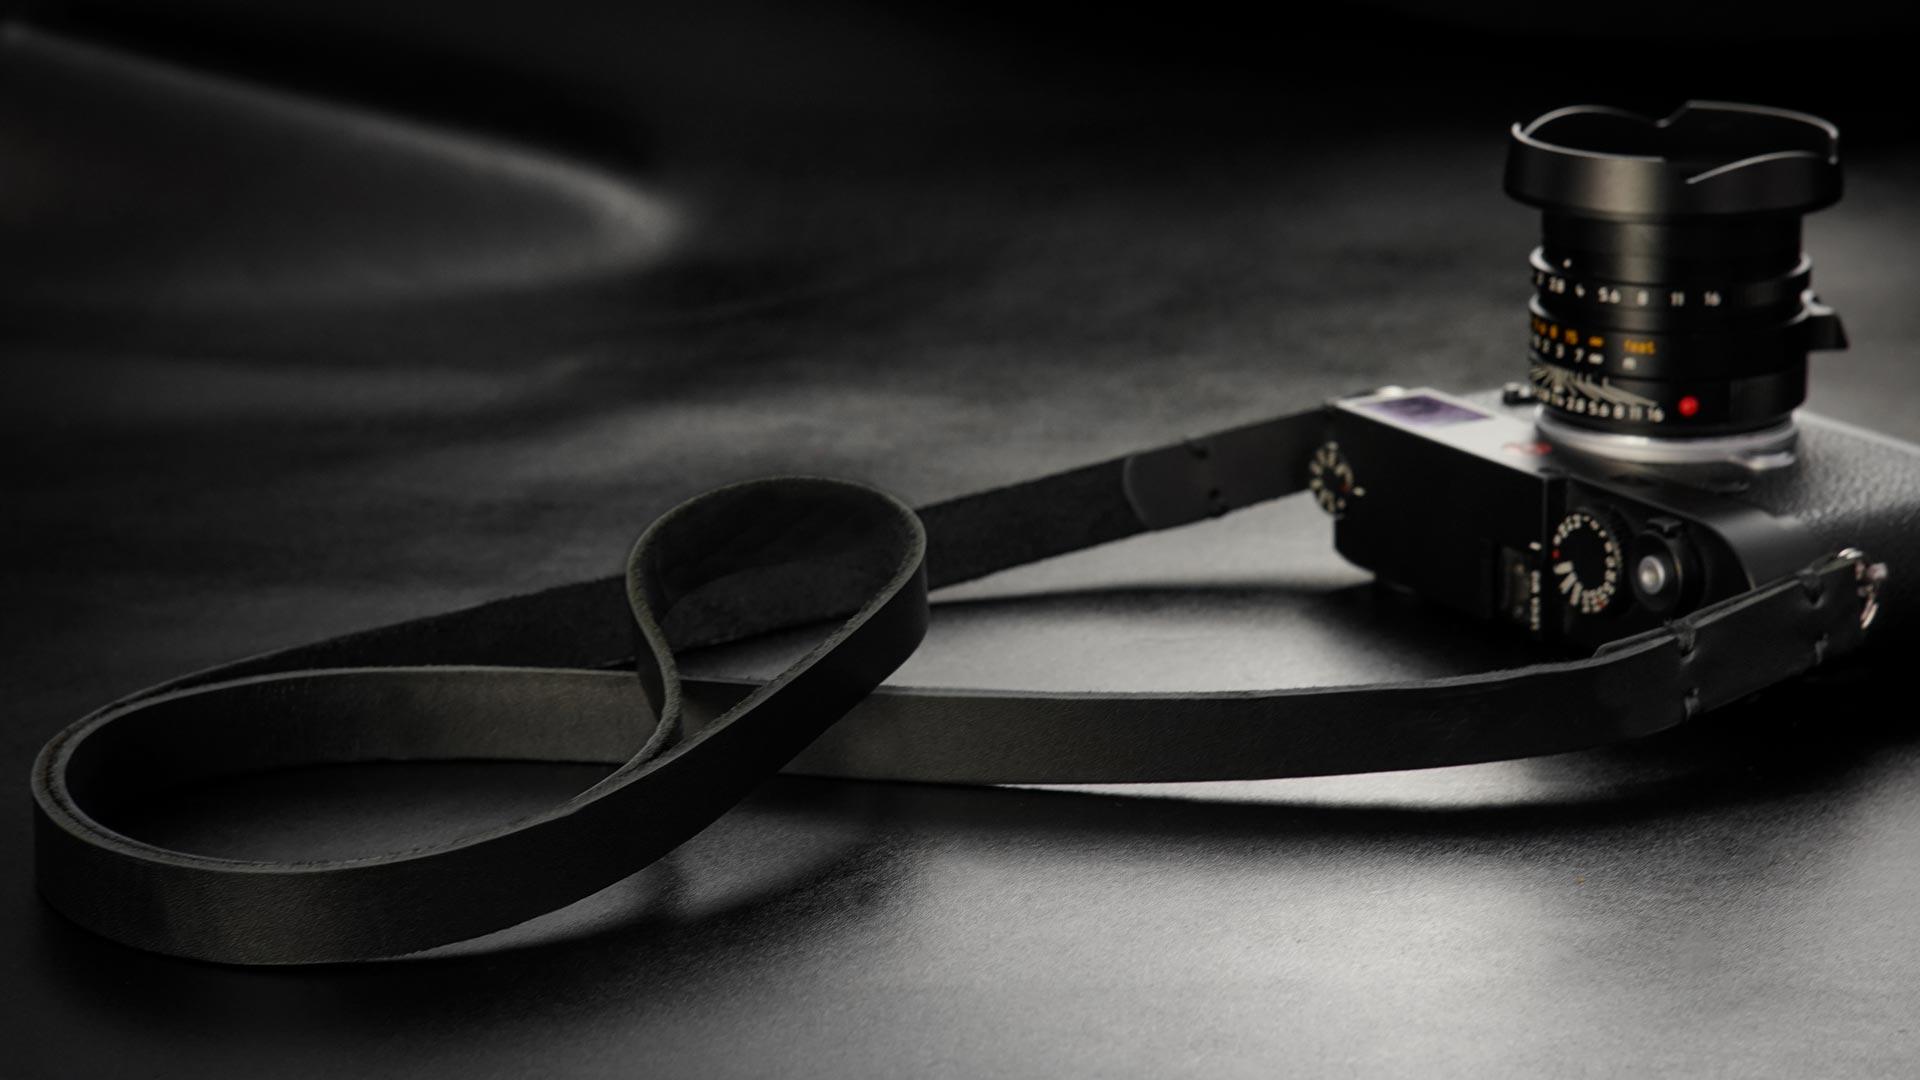 classic strap, leather camera strap, handmade leather camera strap, leica camera strap, mirrorless camera strap, handmade camera strap, dslr camera strap, black camera strap